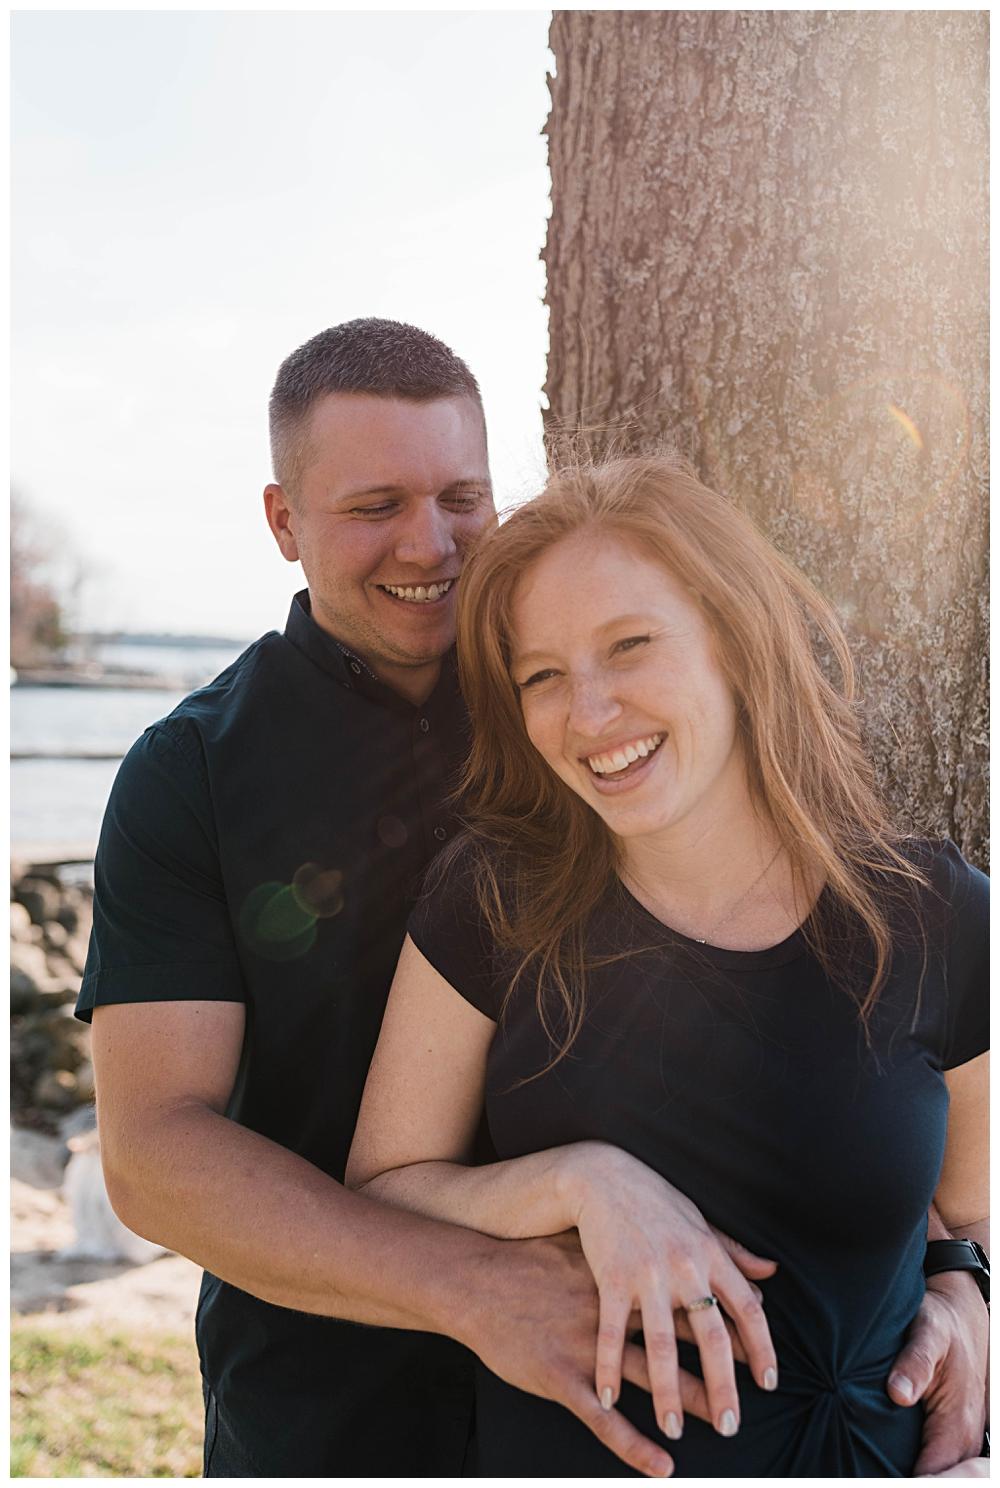 Adirondack Family Photographer- Great Sacandaga Lake NY_0014.jpg